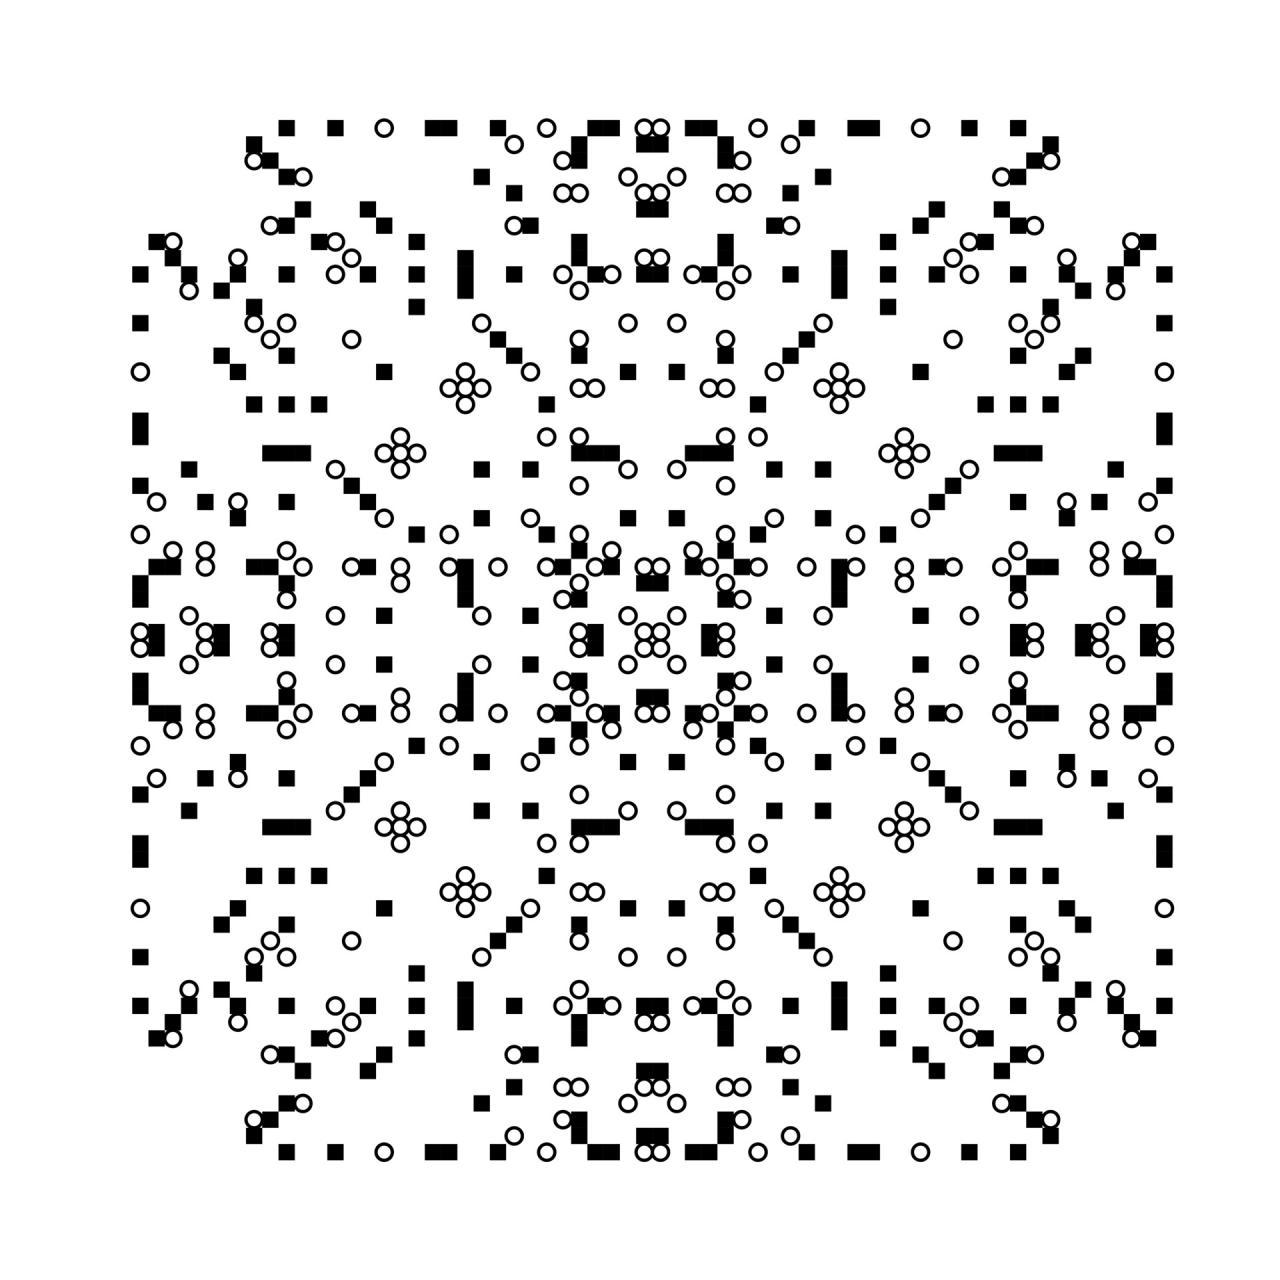 Schwarze Pixel vor weißem Hintergrund bilden ein Muster